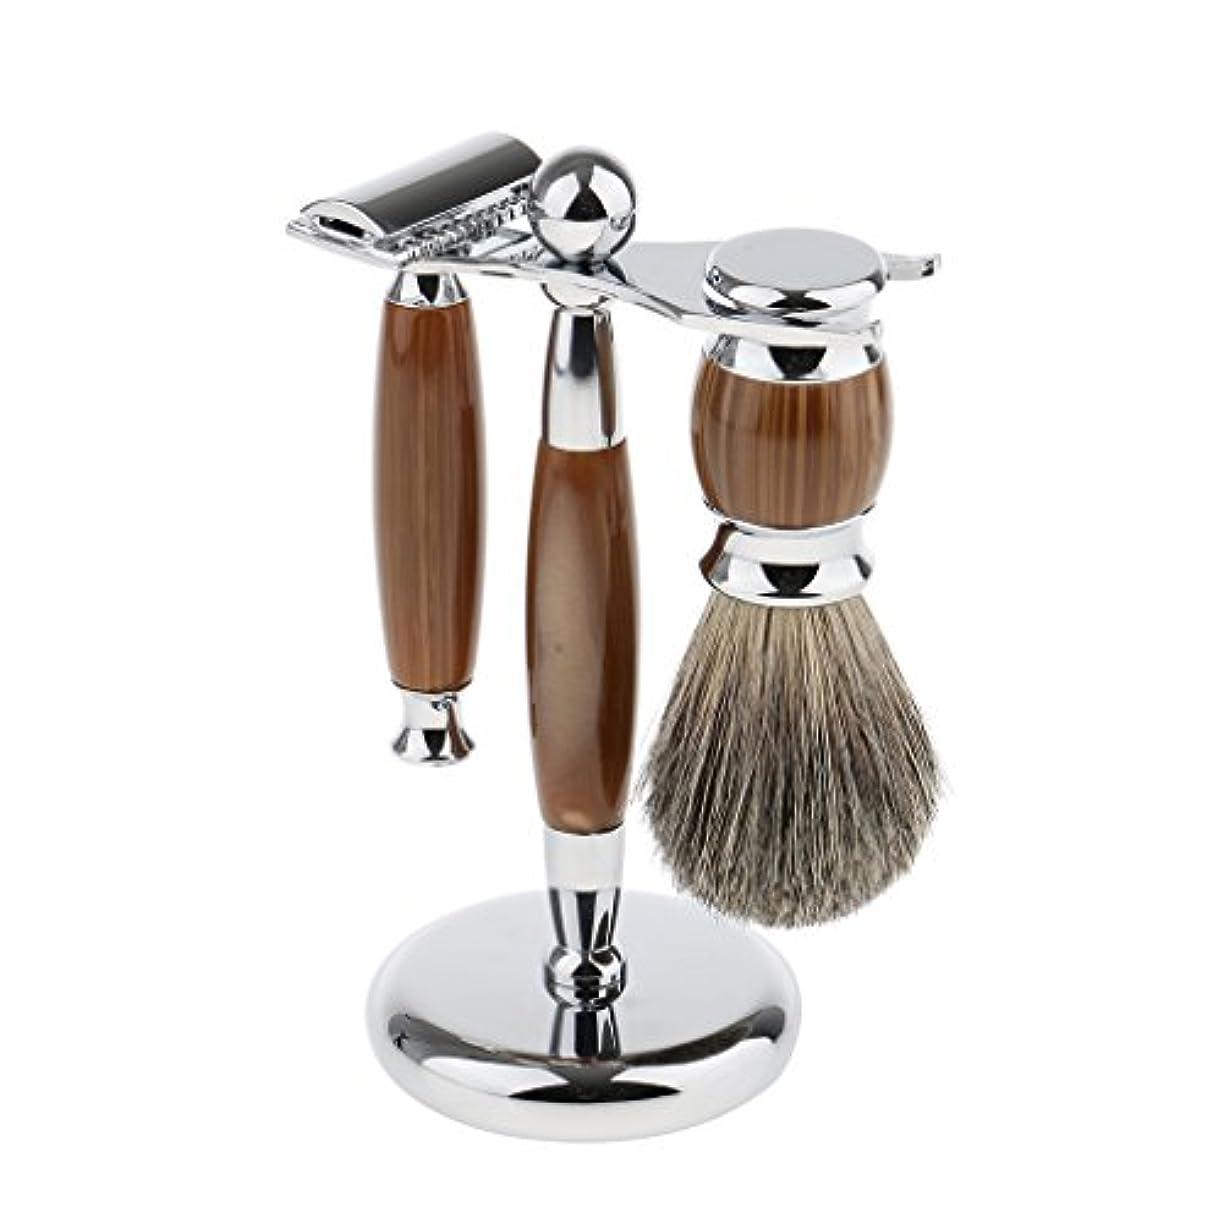 役に立たない反動ワーカーBaoblaze 3点入り シェービング スタンド ブラシ マニュアル ダブルエッジ 髭剃り メイク レトロ プレゼント 3色選べ - タイプ3